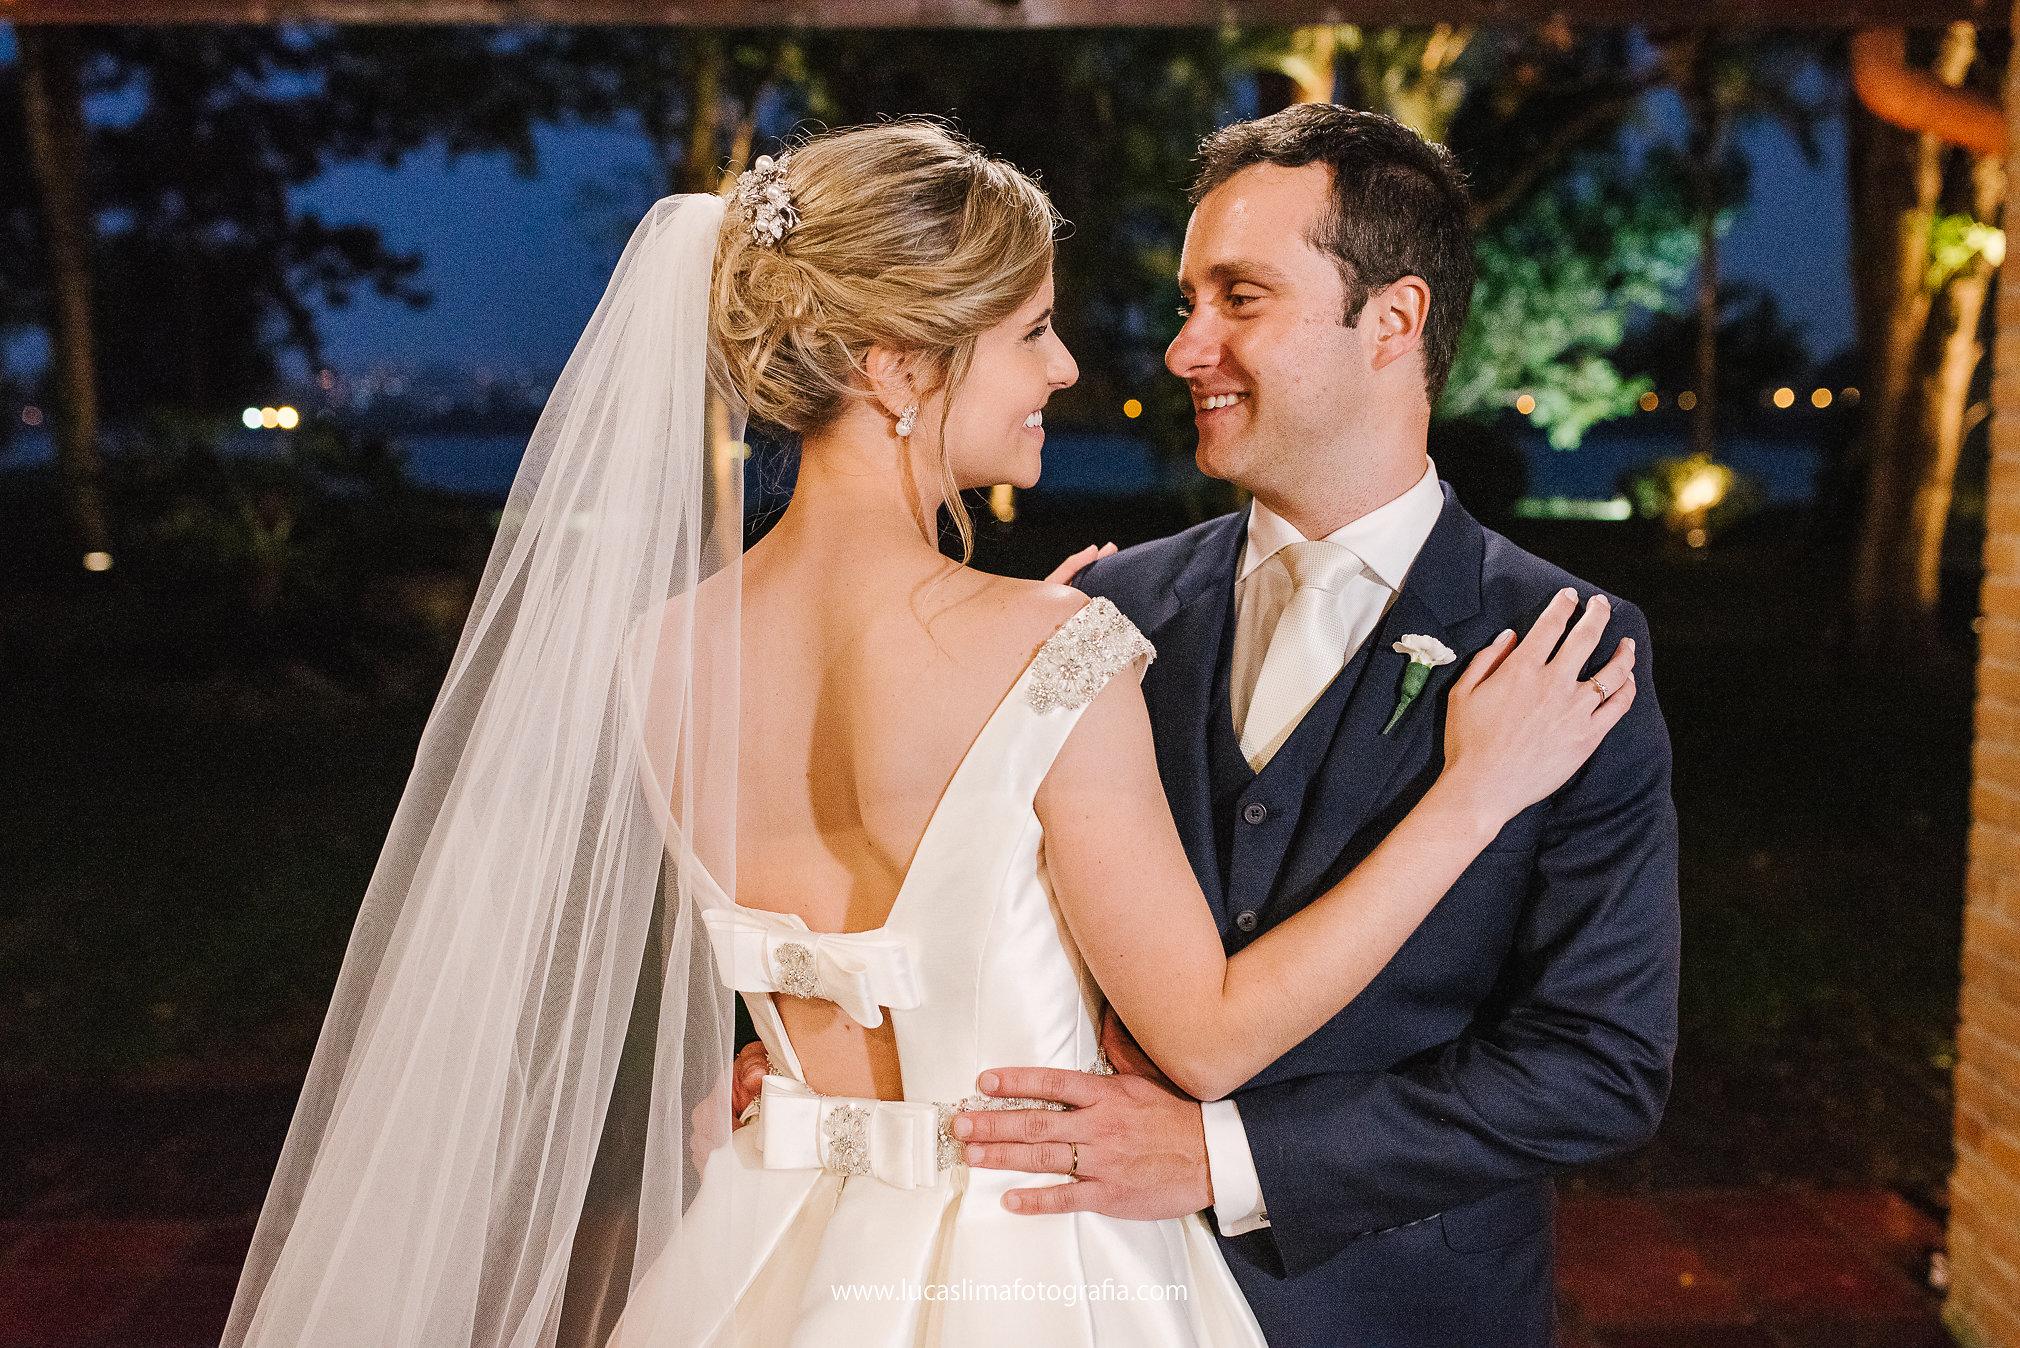 casamento-flavia-e-thomas-lucaslimafotografia-162